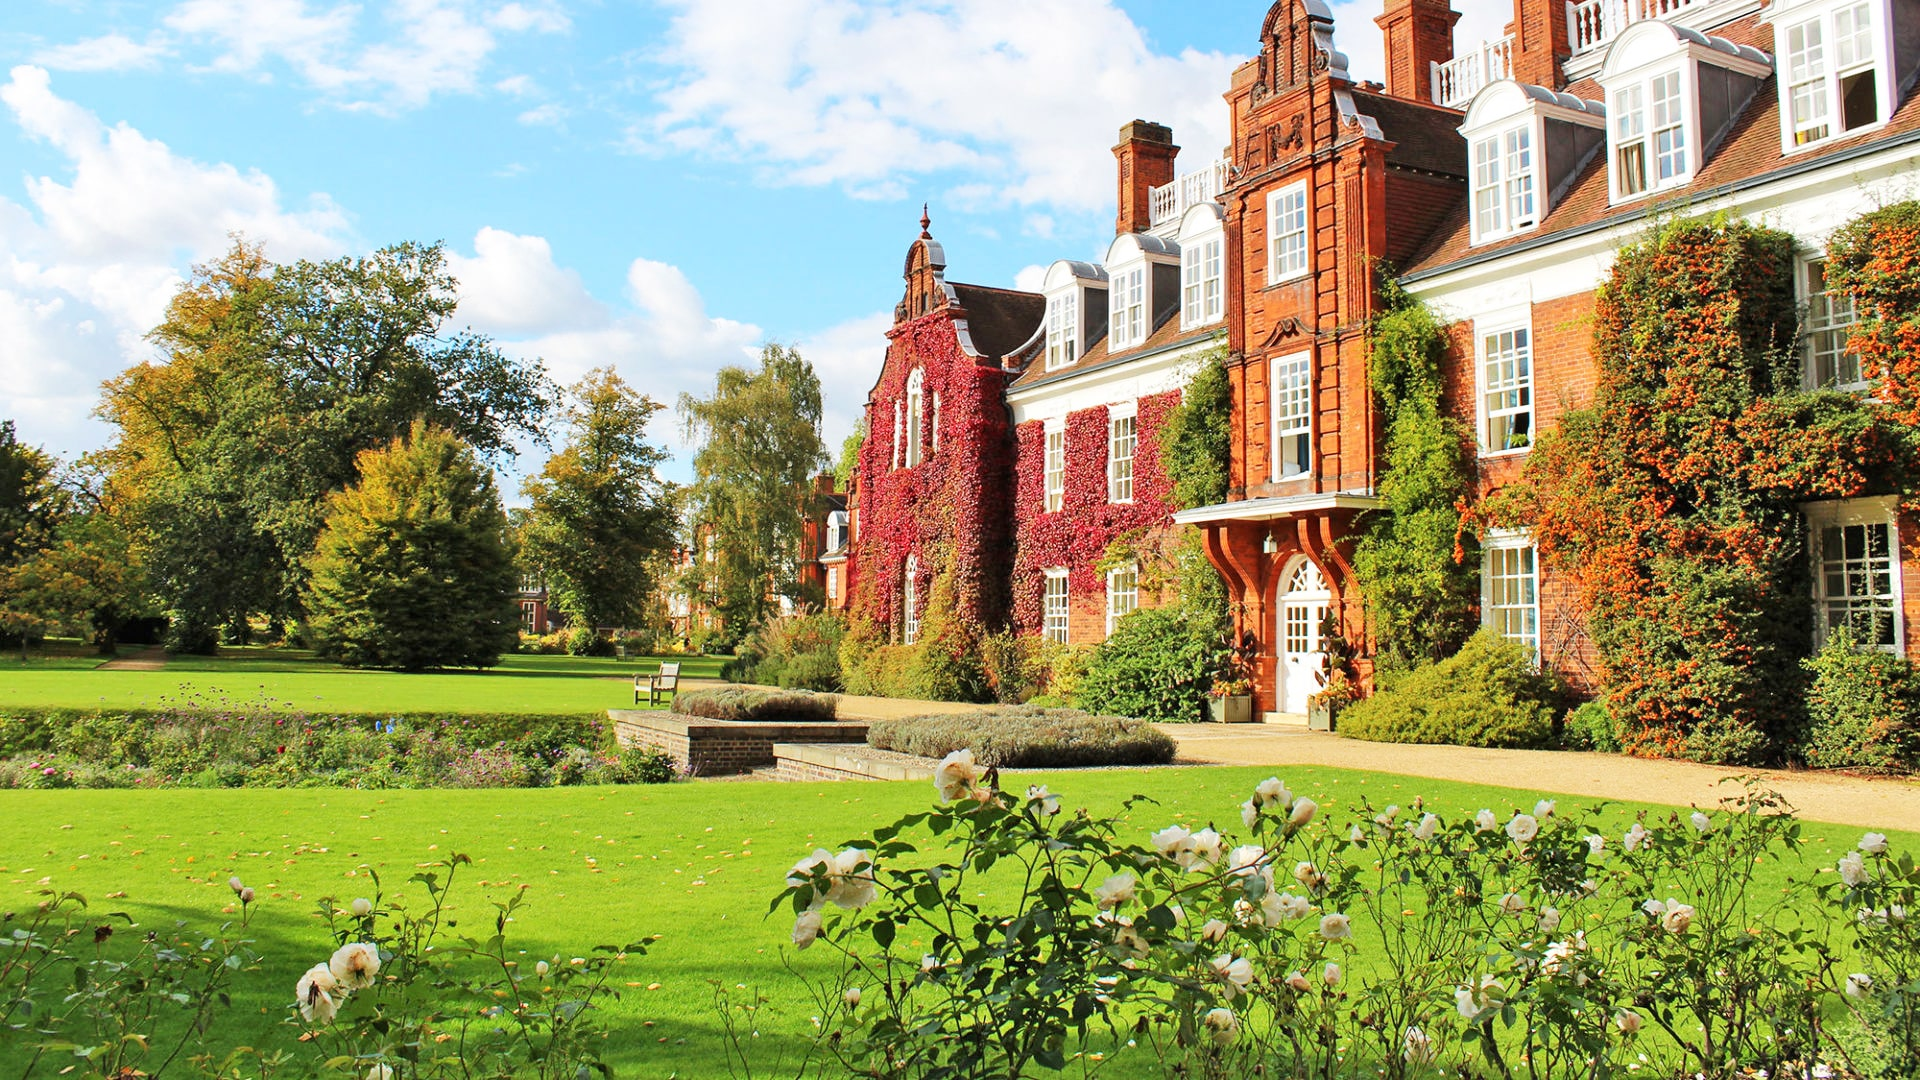 Campamento de verano con curso de inglés en Cambridge para niños y jóvenes